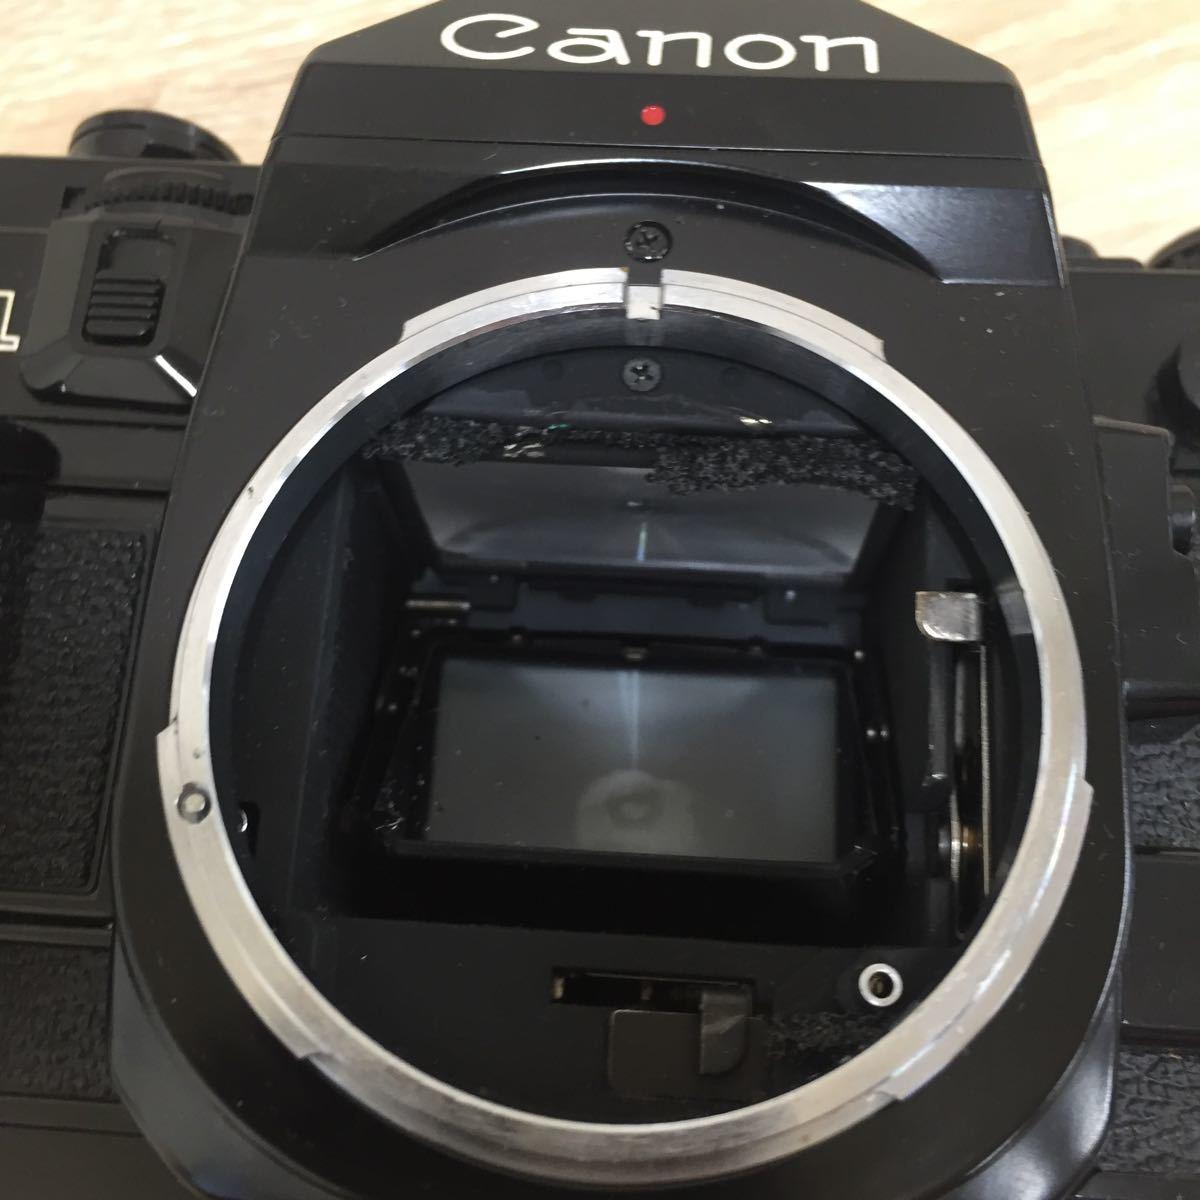 71 カメラ Canon キャノン A-1 LENS FD 50mm 1:1.4_画像4